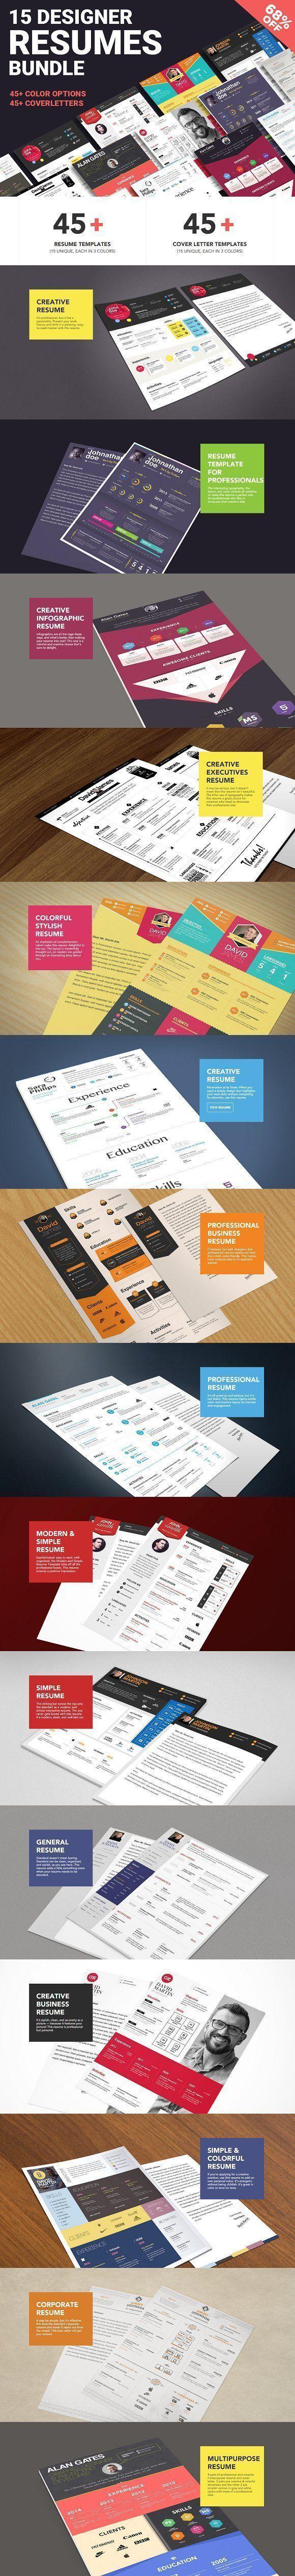 Massive Designer Resumes Bundle by ZippyPixels on